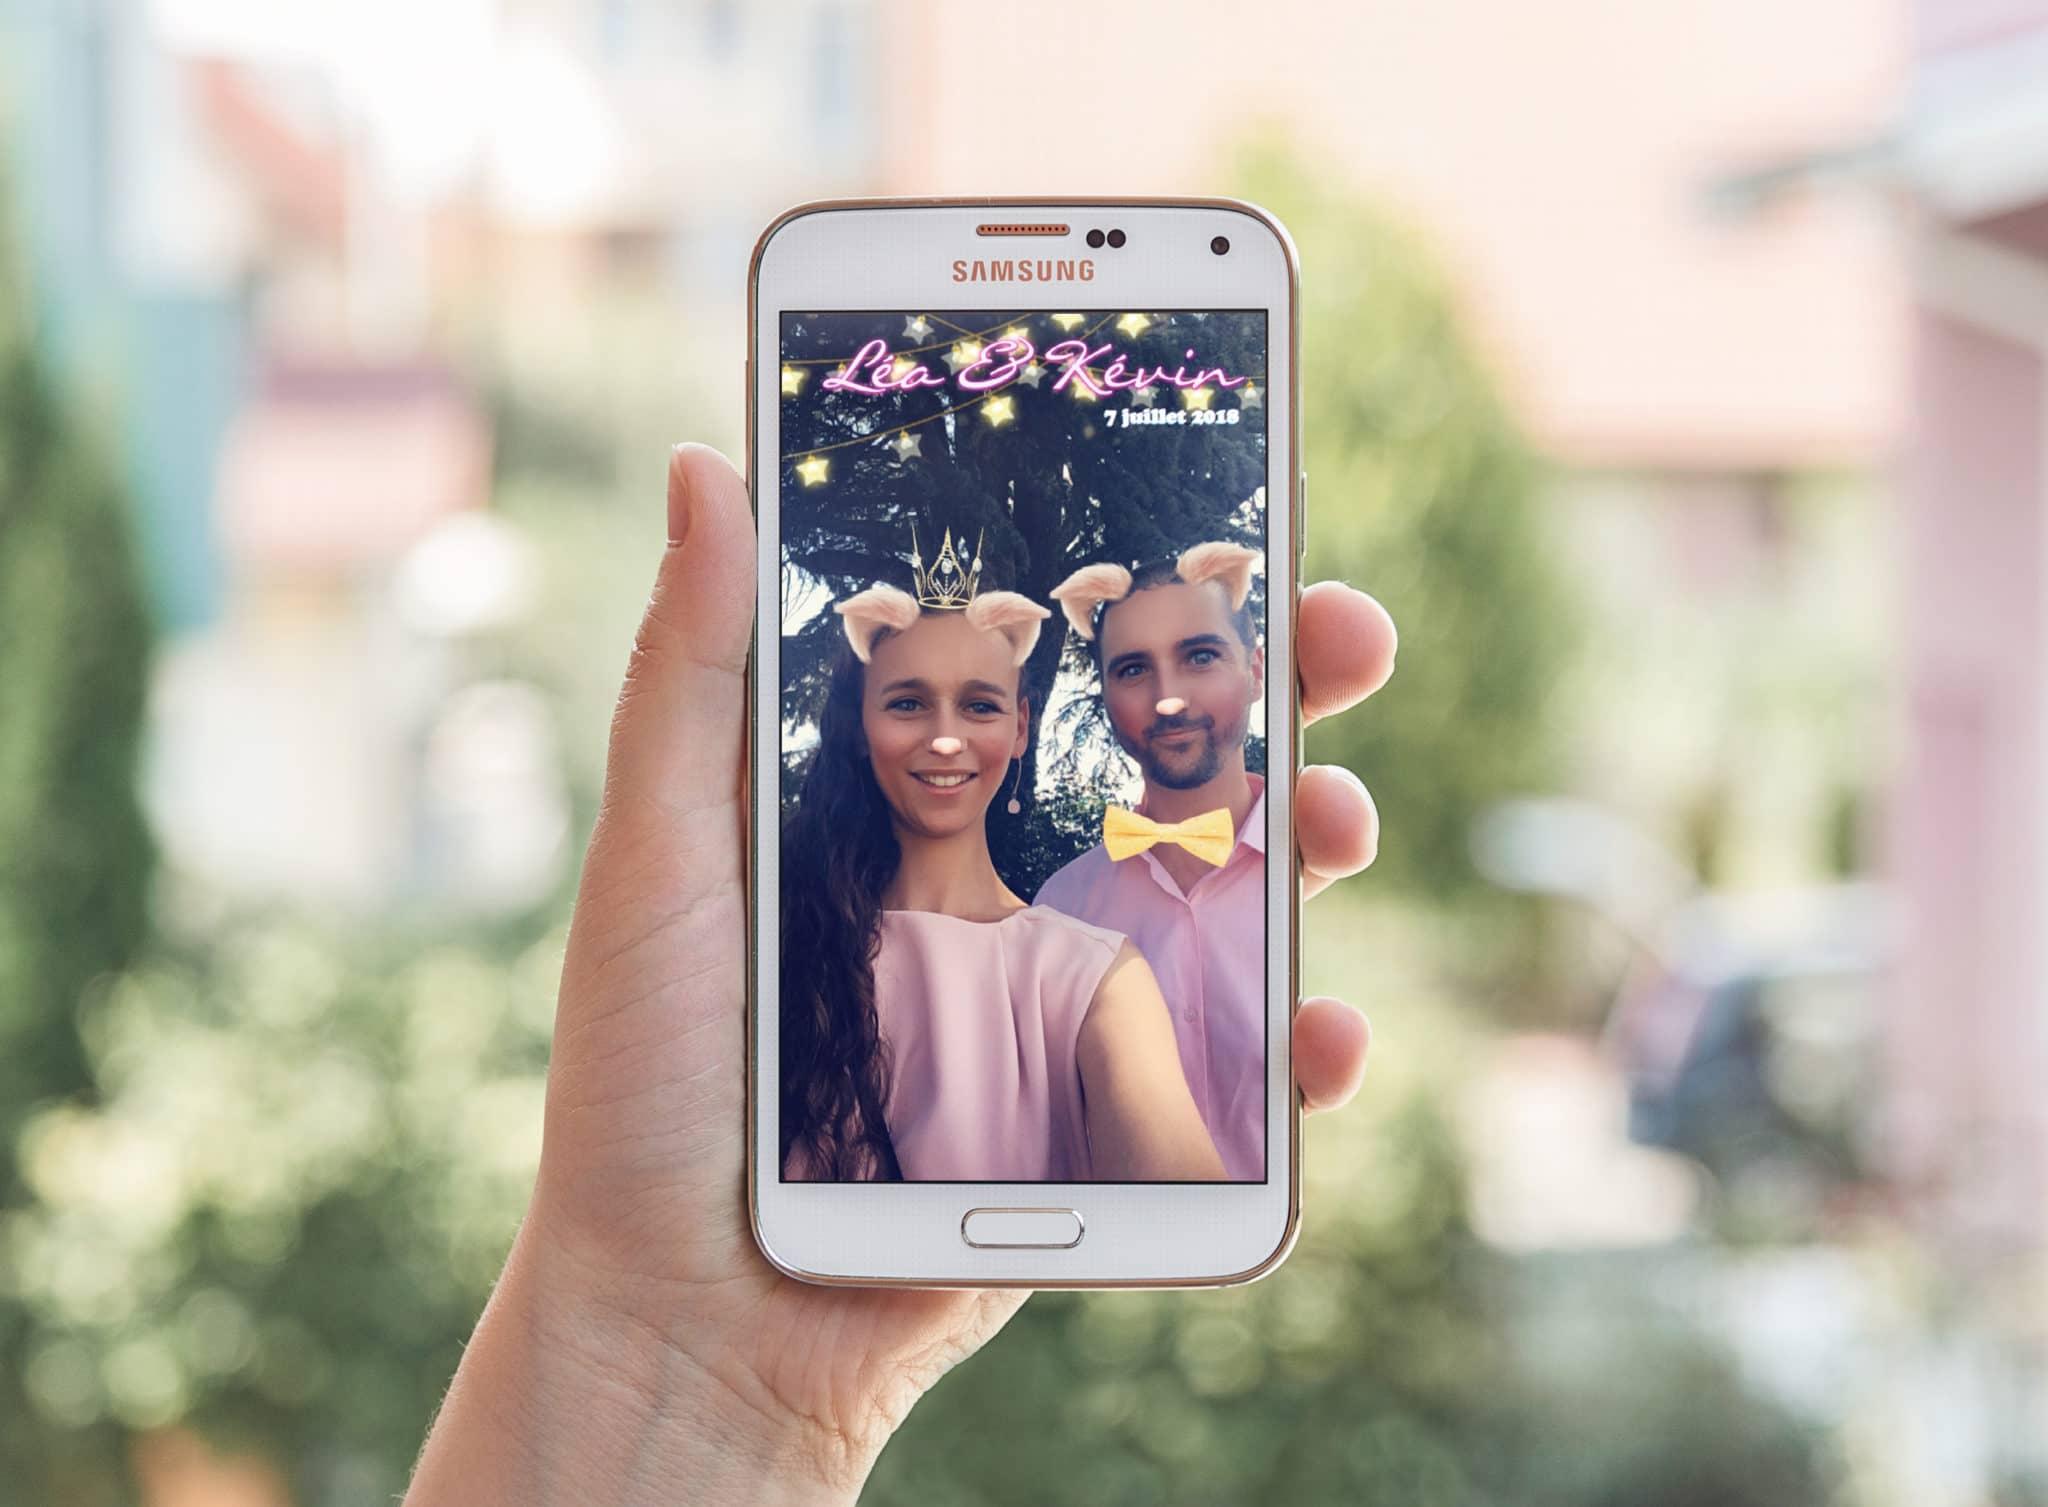 Mise en situation du géofiltre SnapChat pour le mariage de Kevin et léa